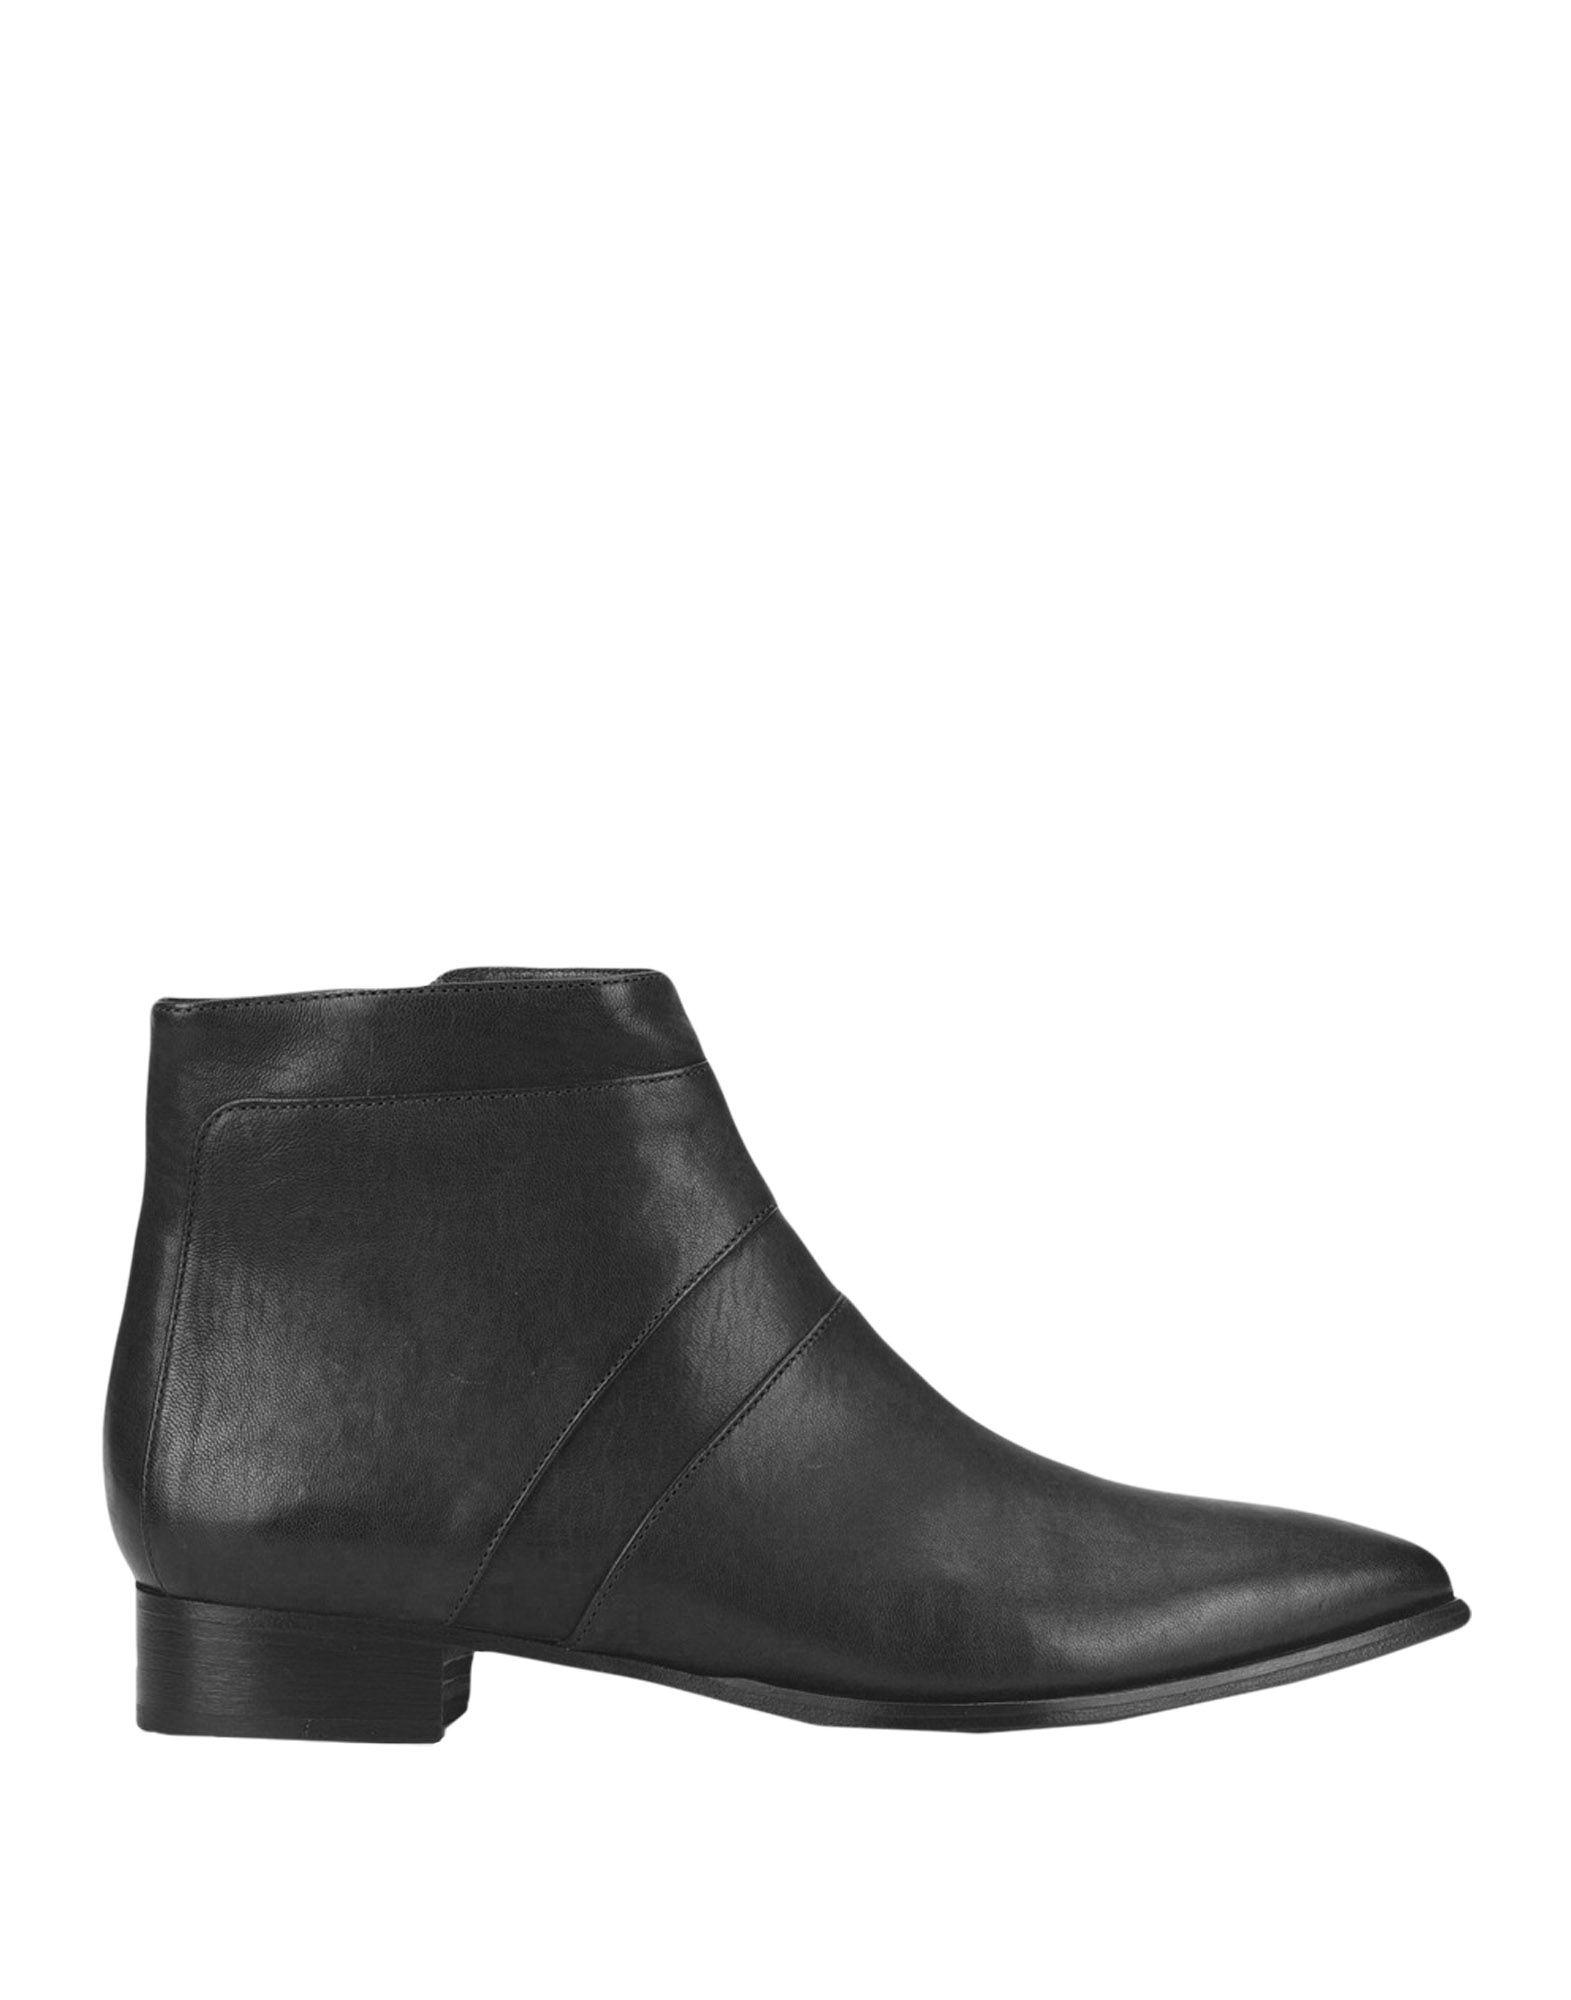 《送料無料》ALBERTO FERMANI レディース ショートブーツ ブラック 37 牛革(カーフ) 100%